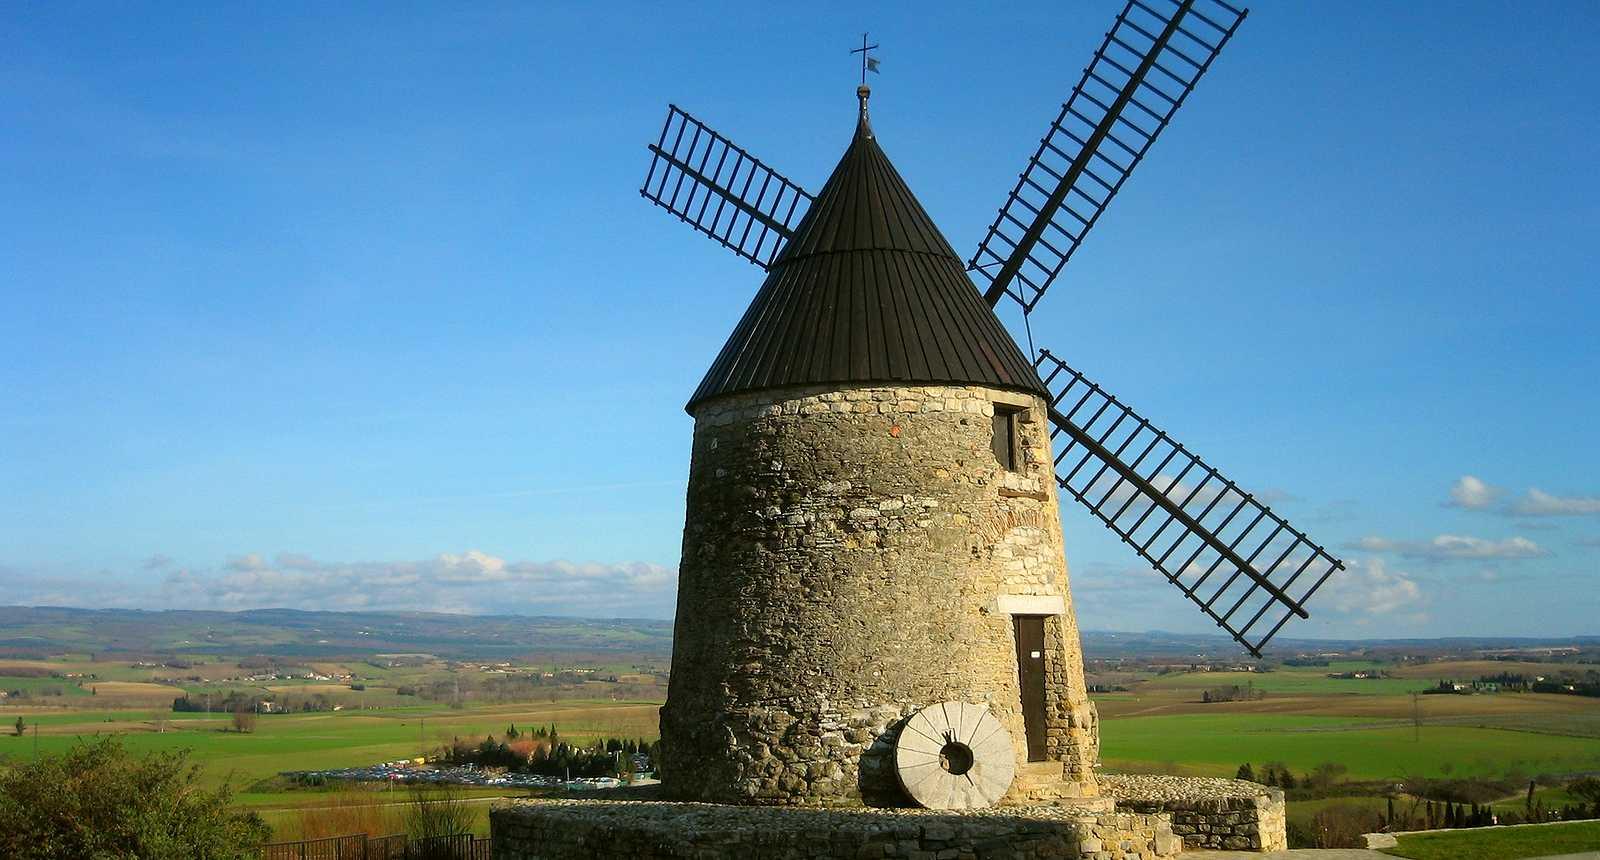 Le Moulin de Cugarel